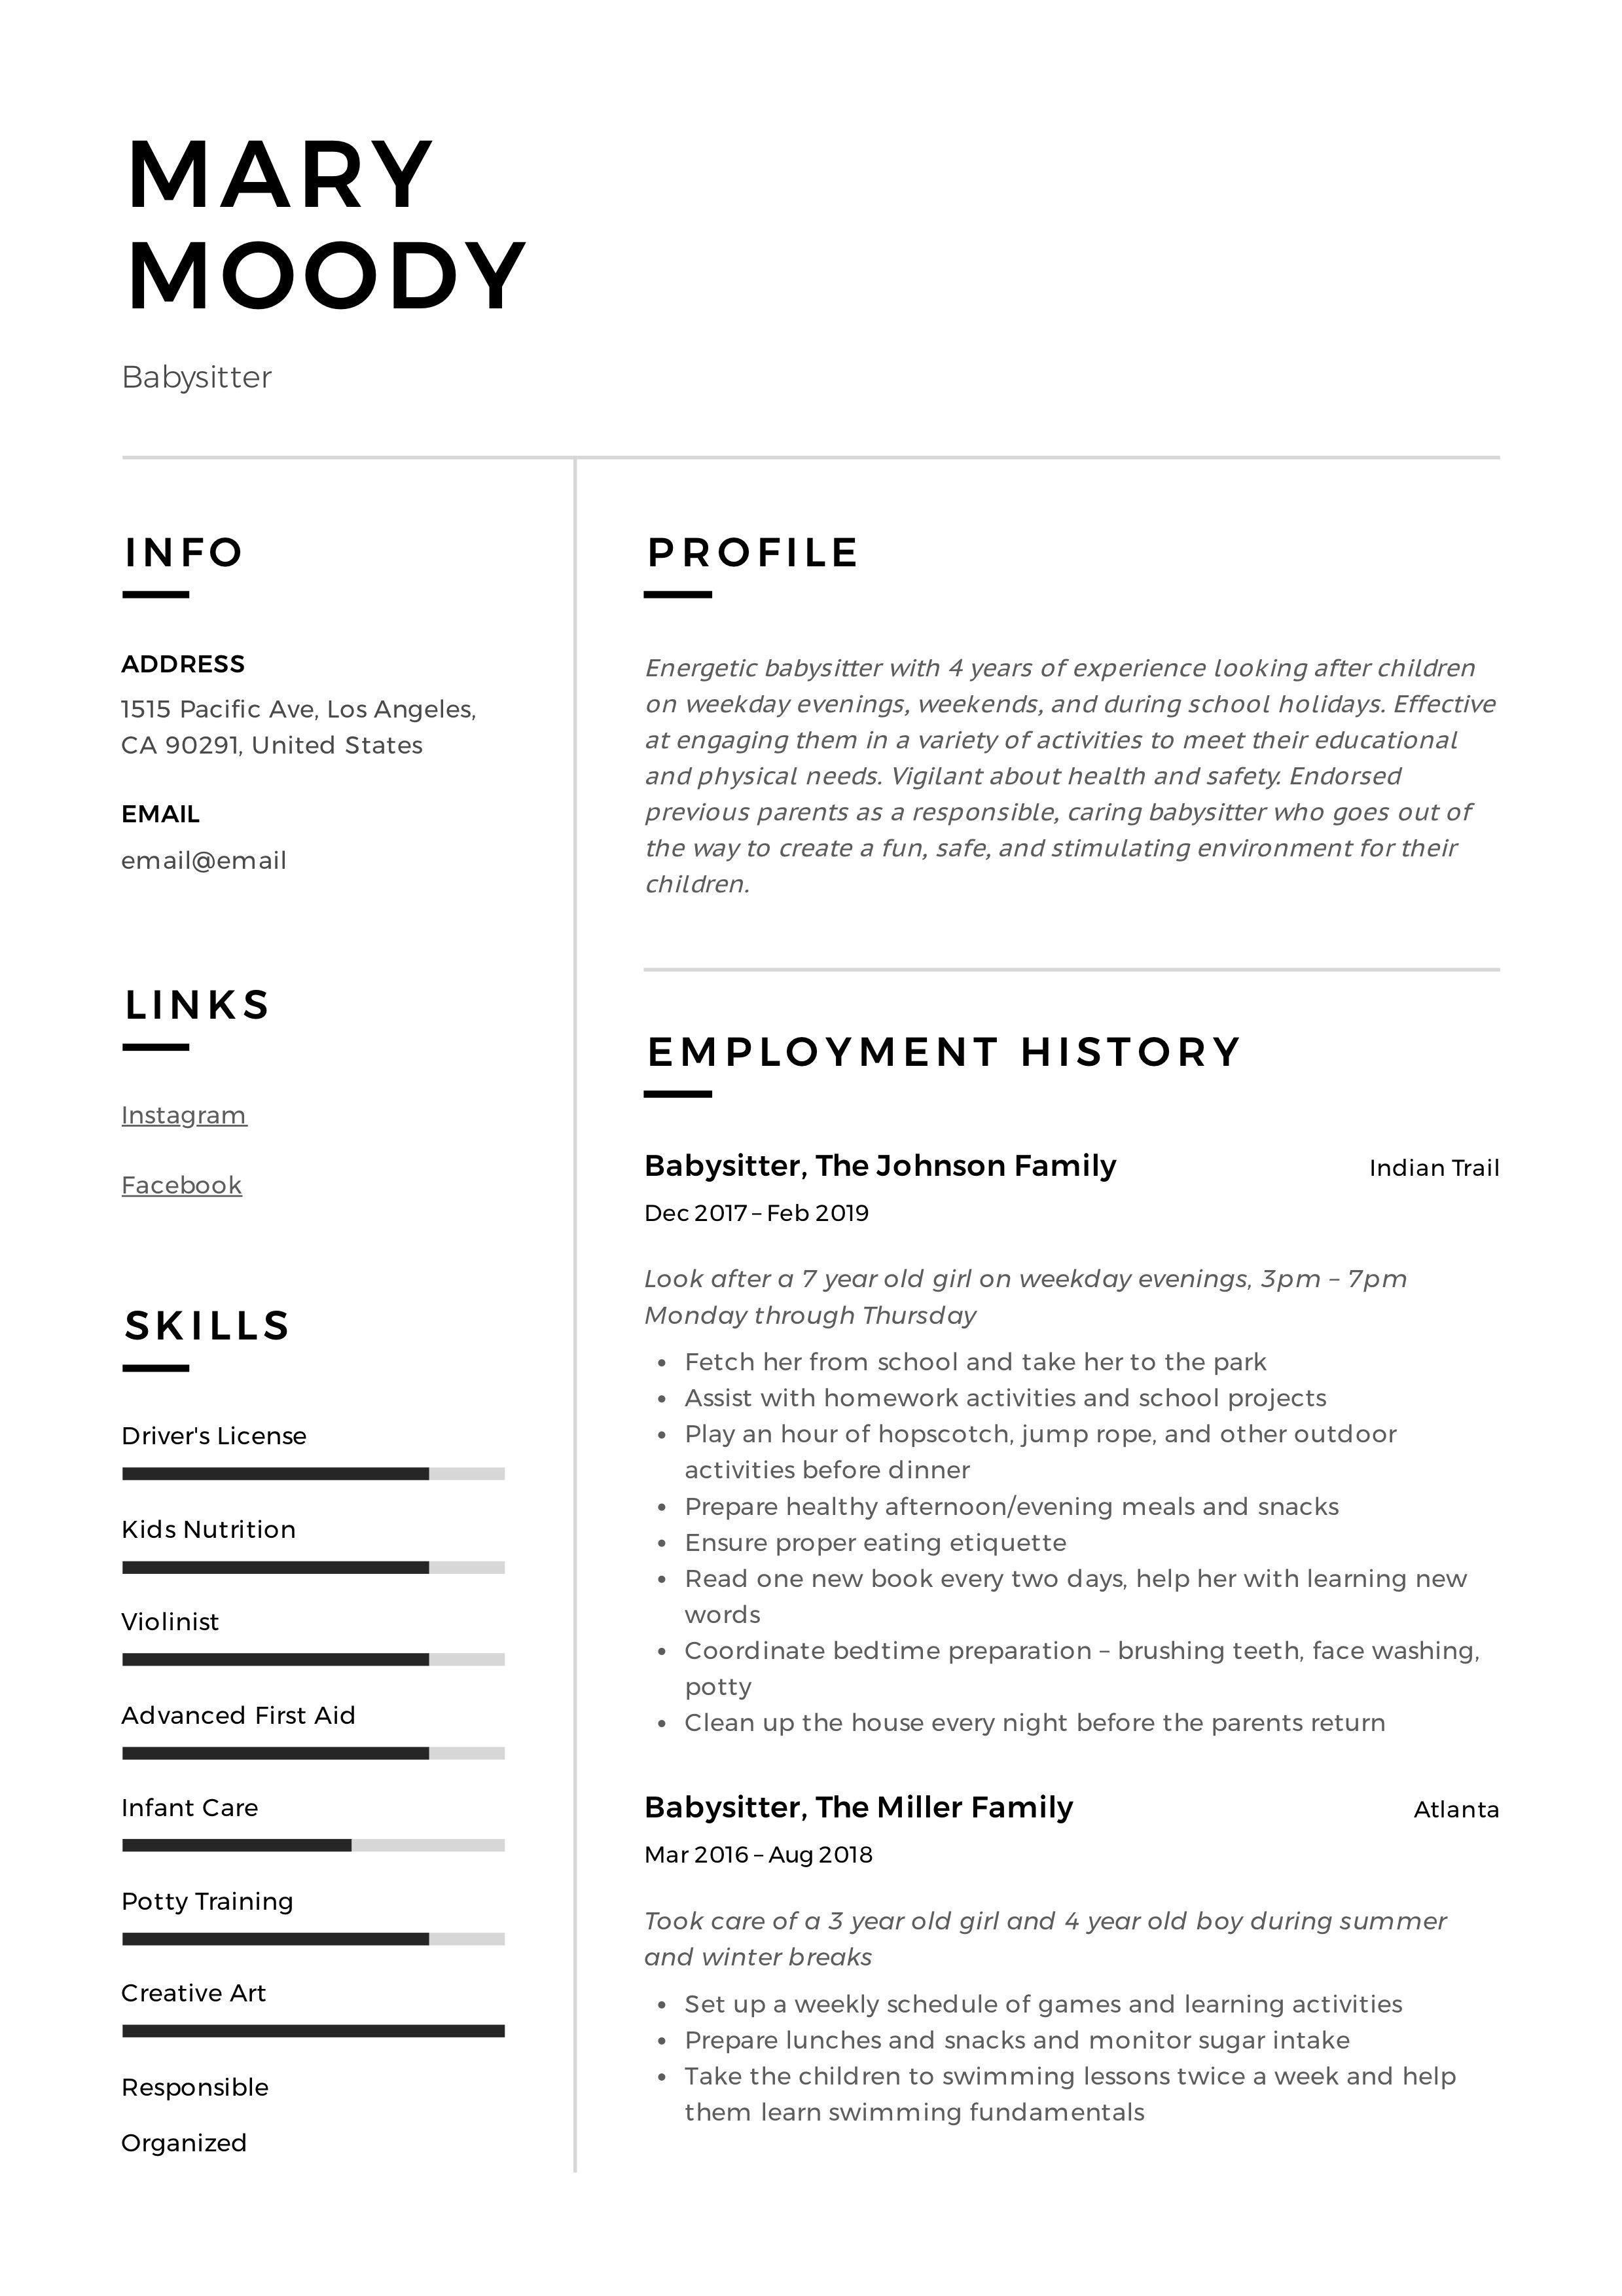 Babysitter Resume Sample Babysitter Jobs Babysitter Resume Babysitter